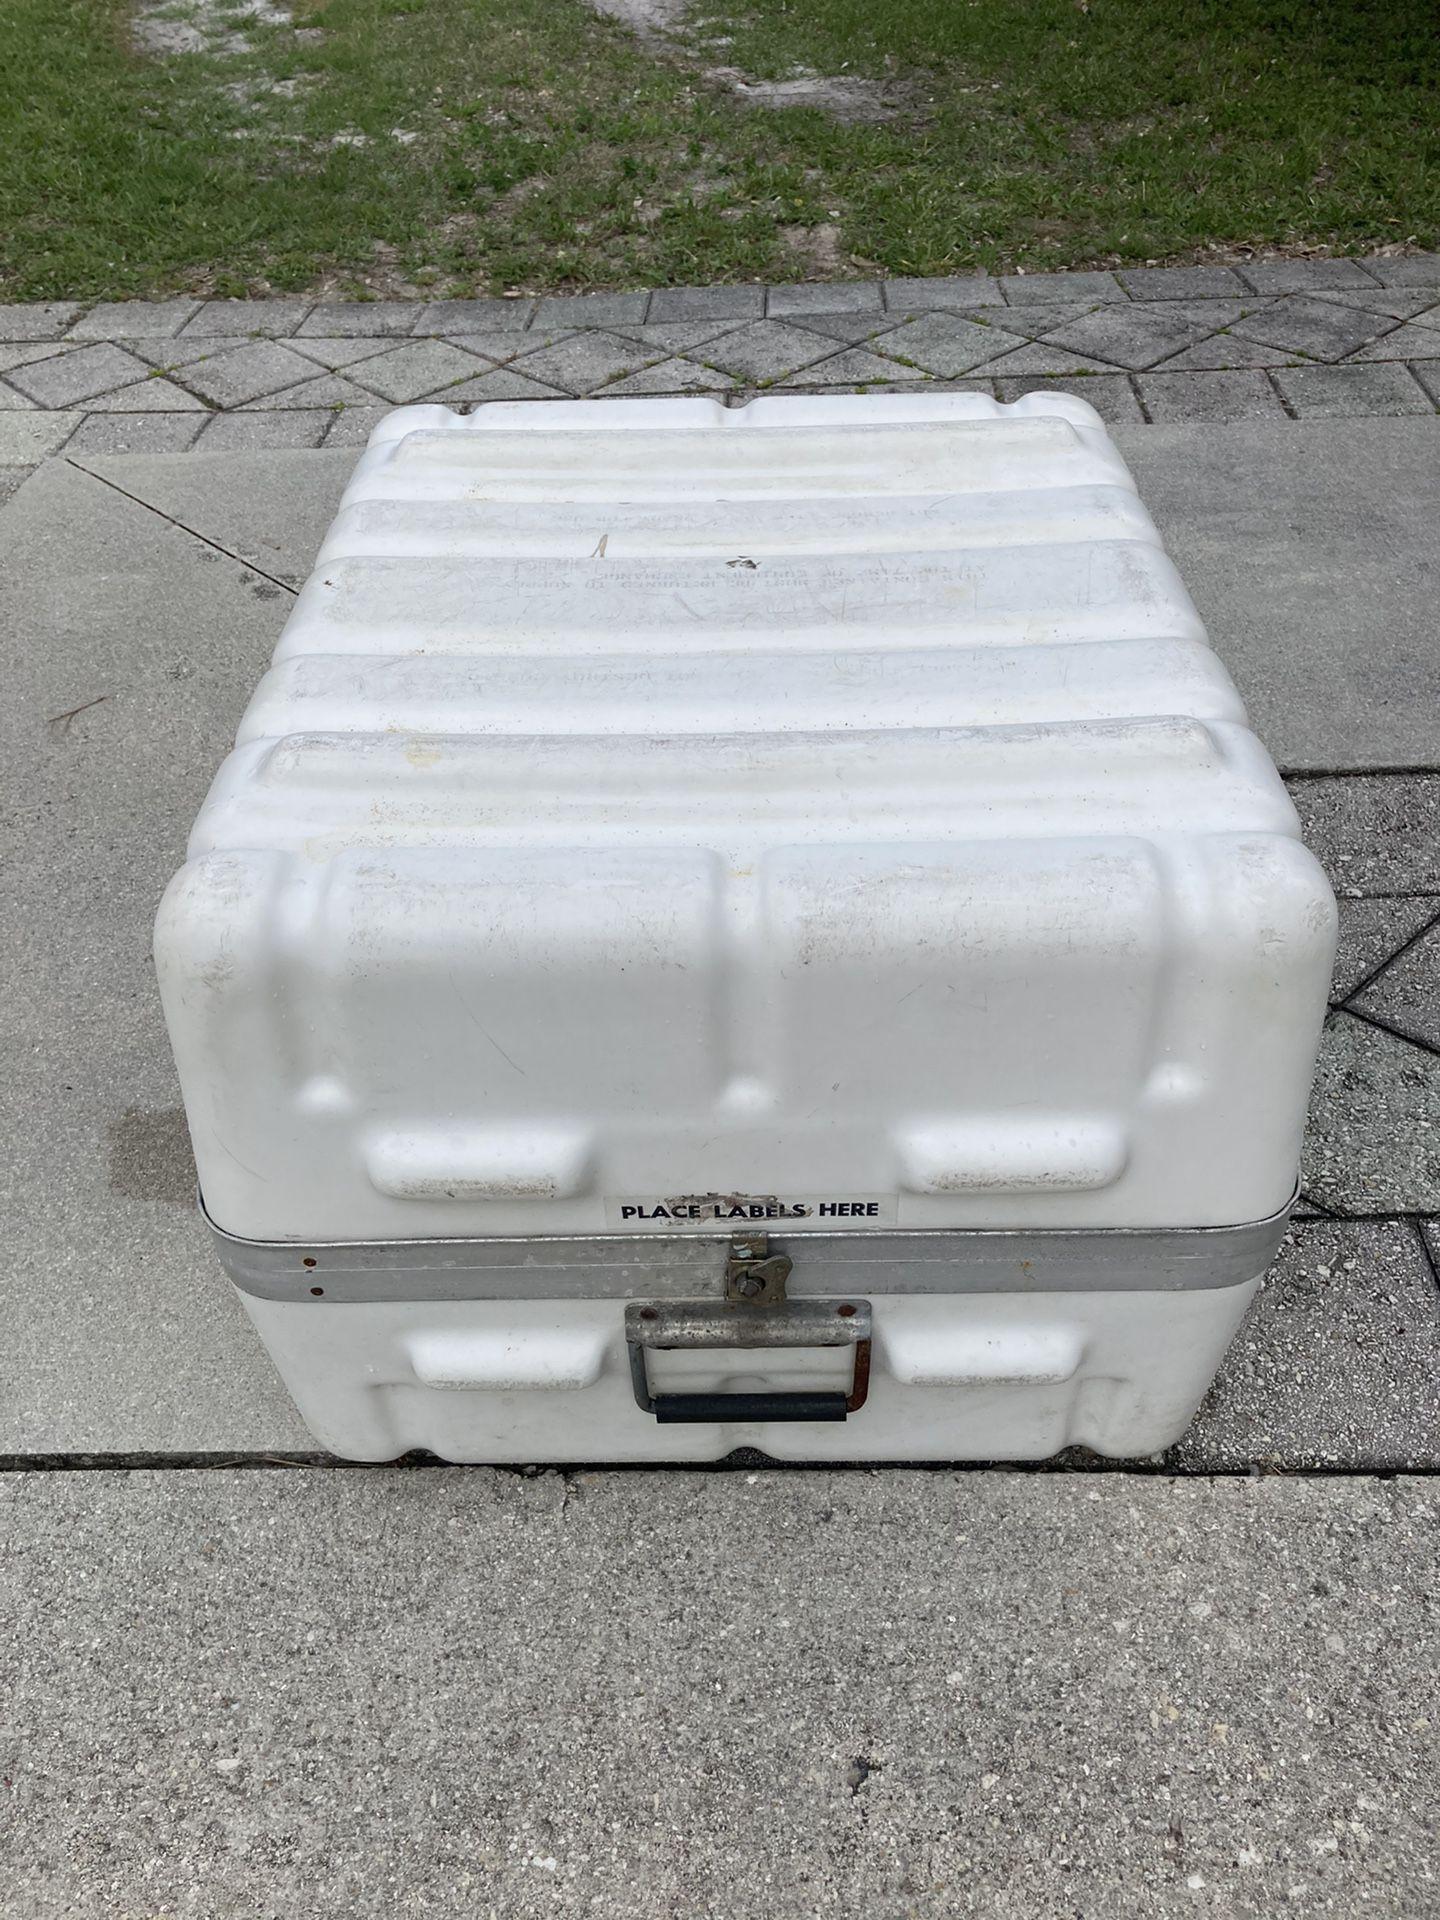 Thermodyne reusable hard case